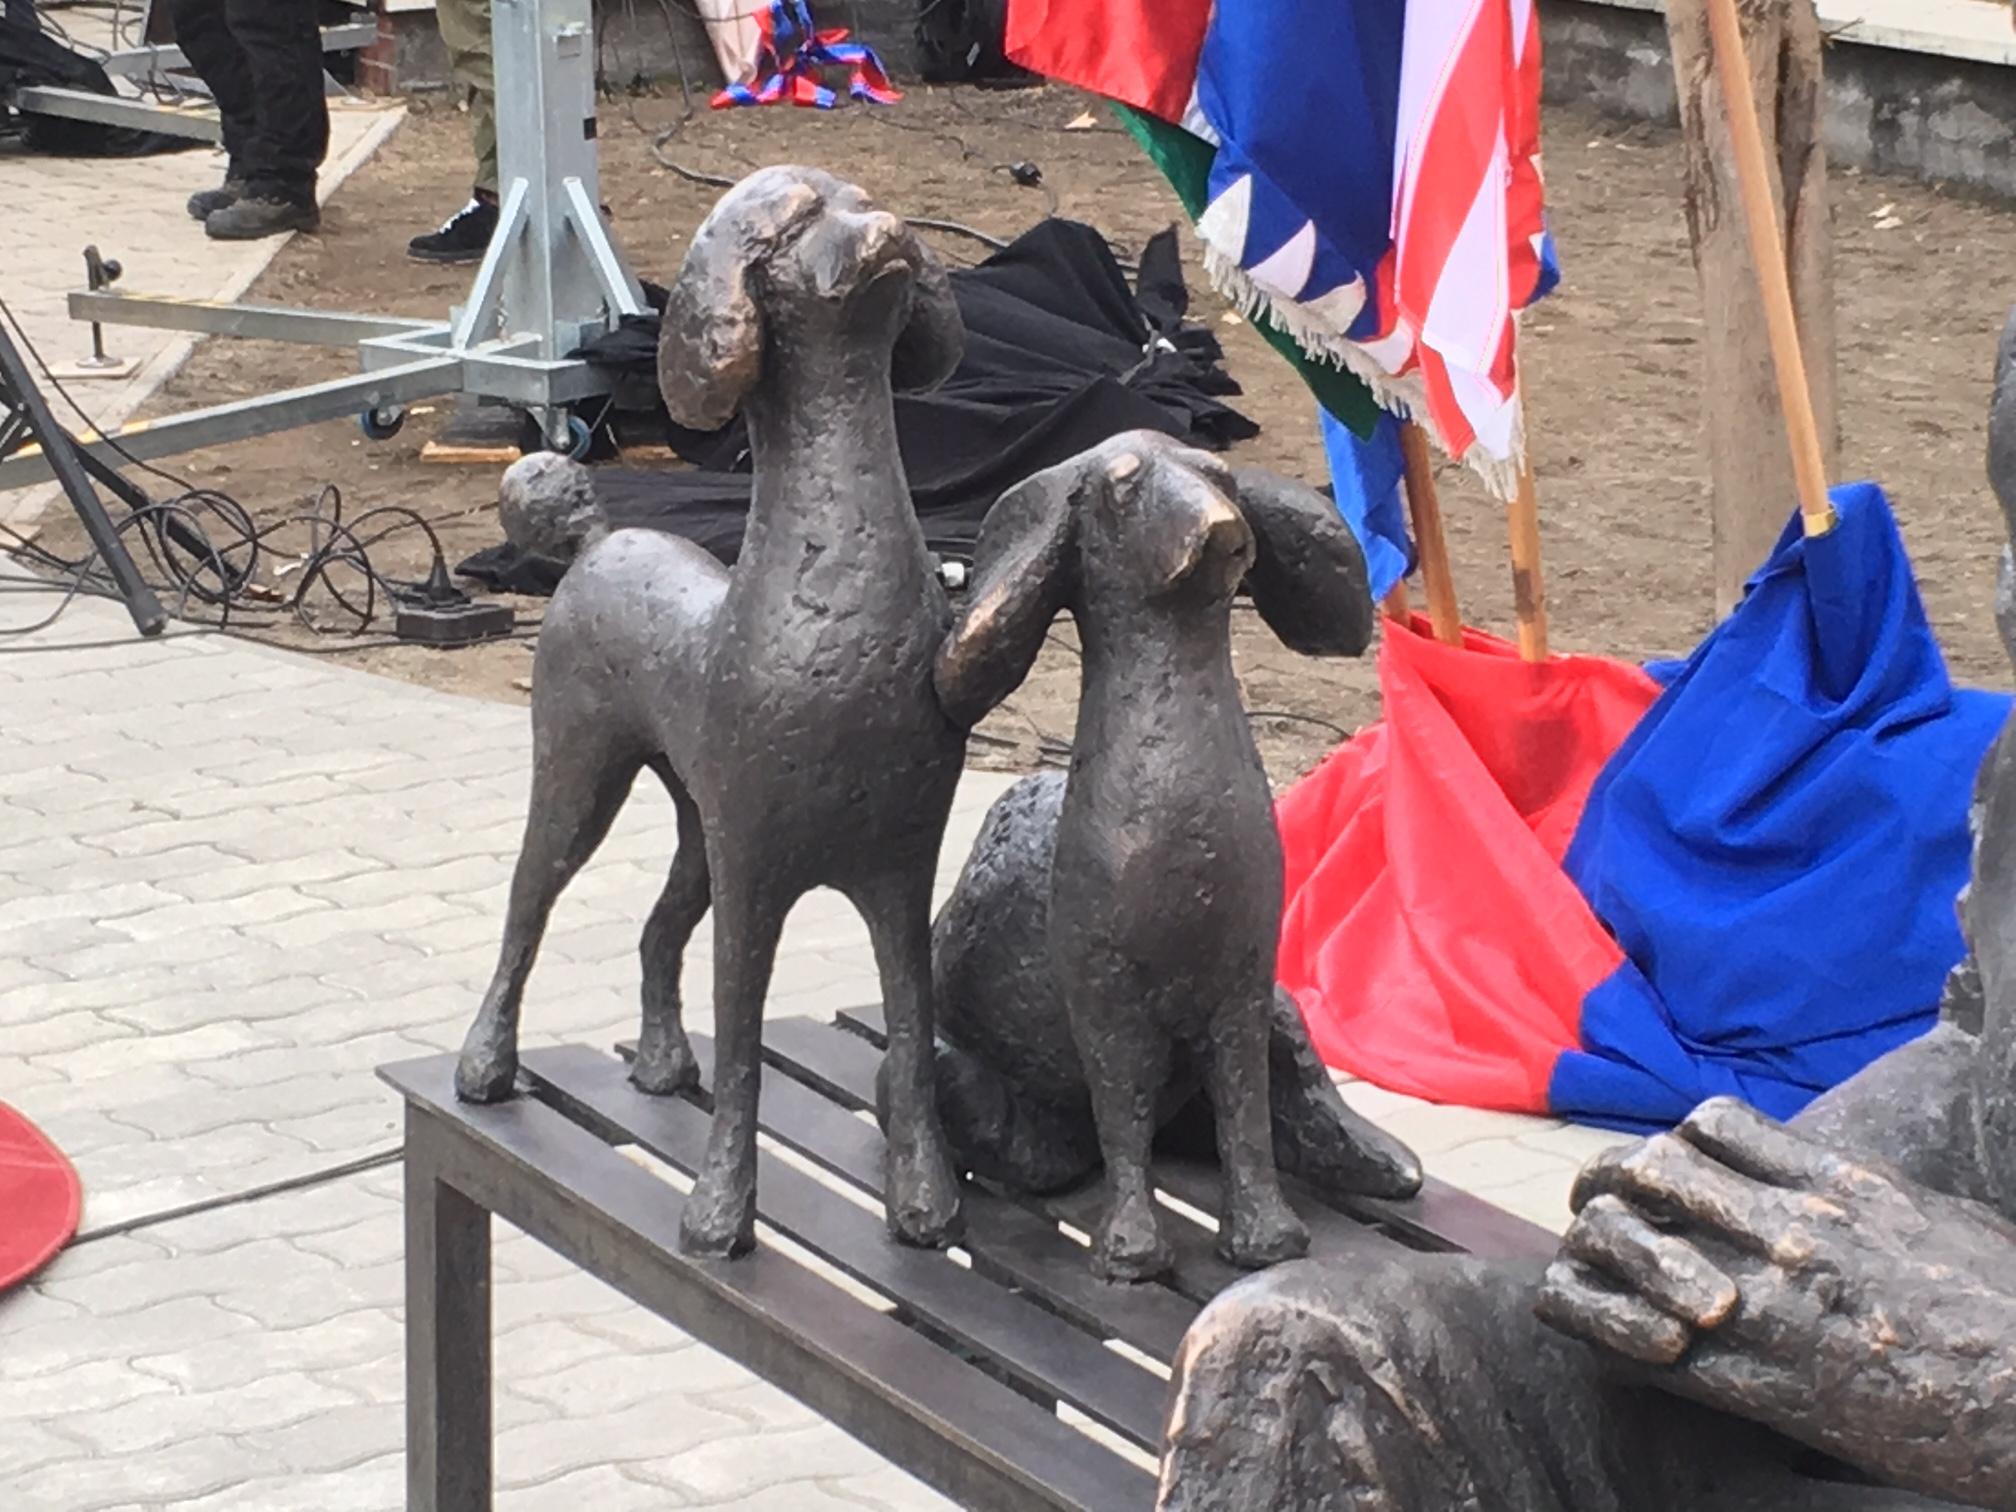 Shalom! Vau! Tom Lantos friss emlékműve megújította a magyar köztéri kiskutyaszobrászatot